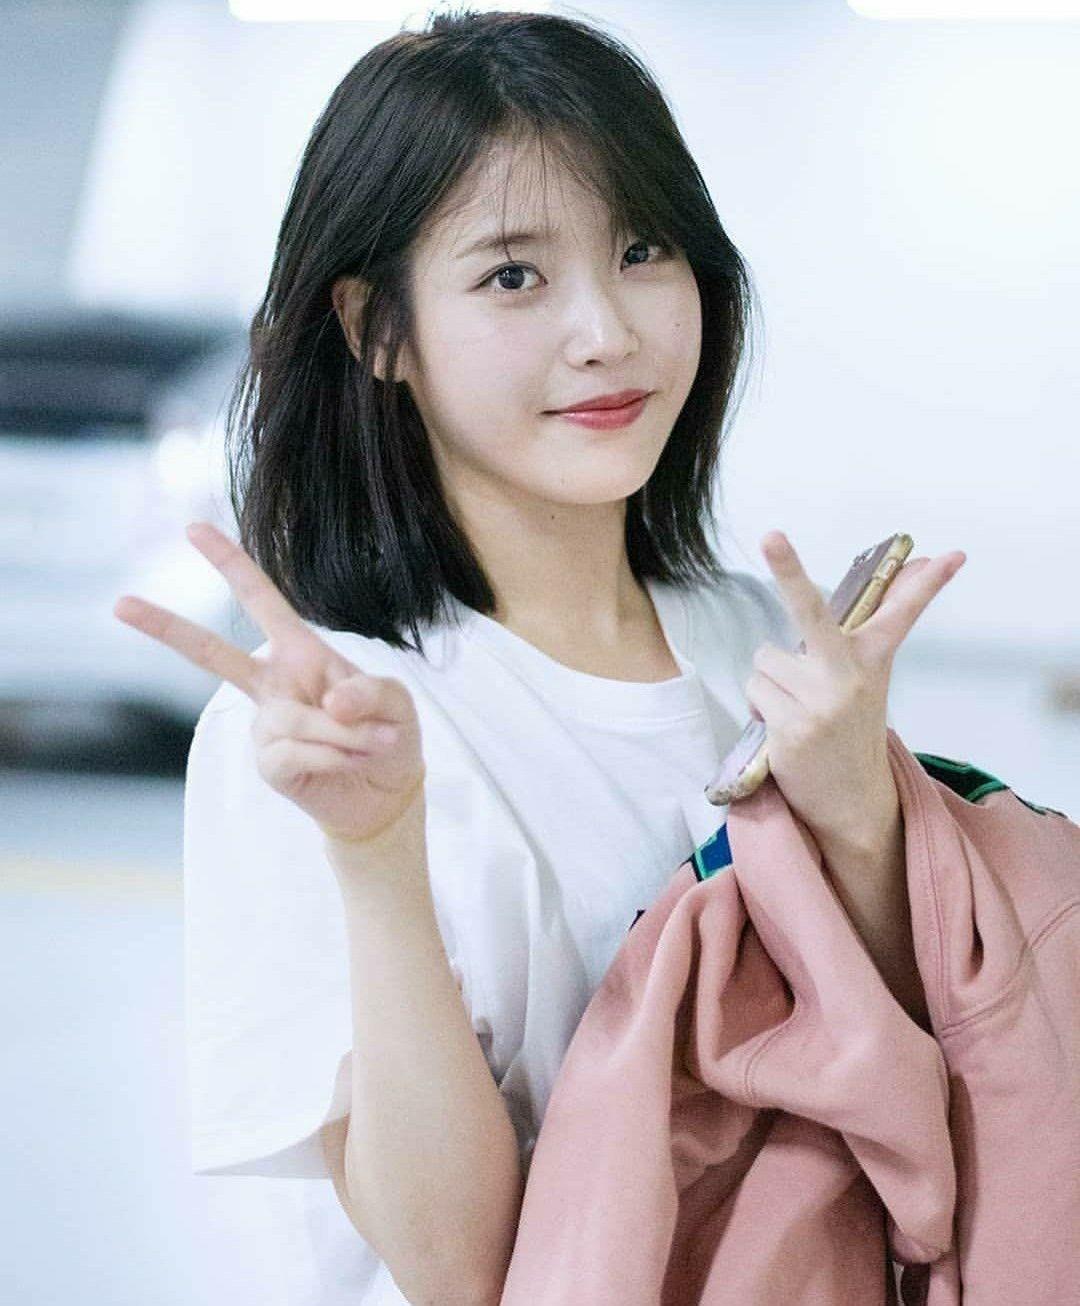 Pin By Lovlyze On Iu Kpop Short Hair Korean Short Hair Short Hair Styles